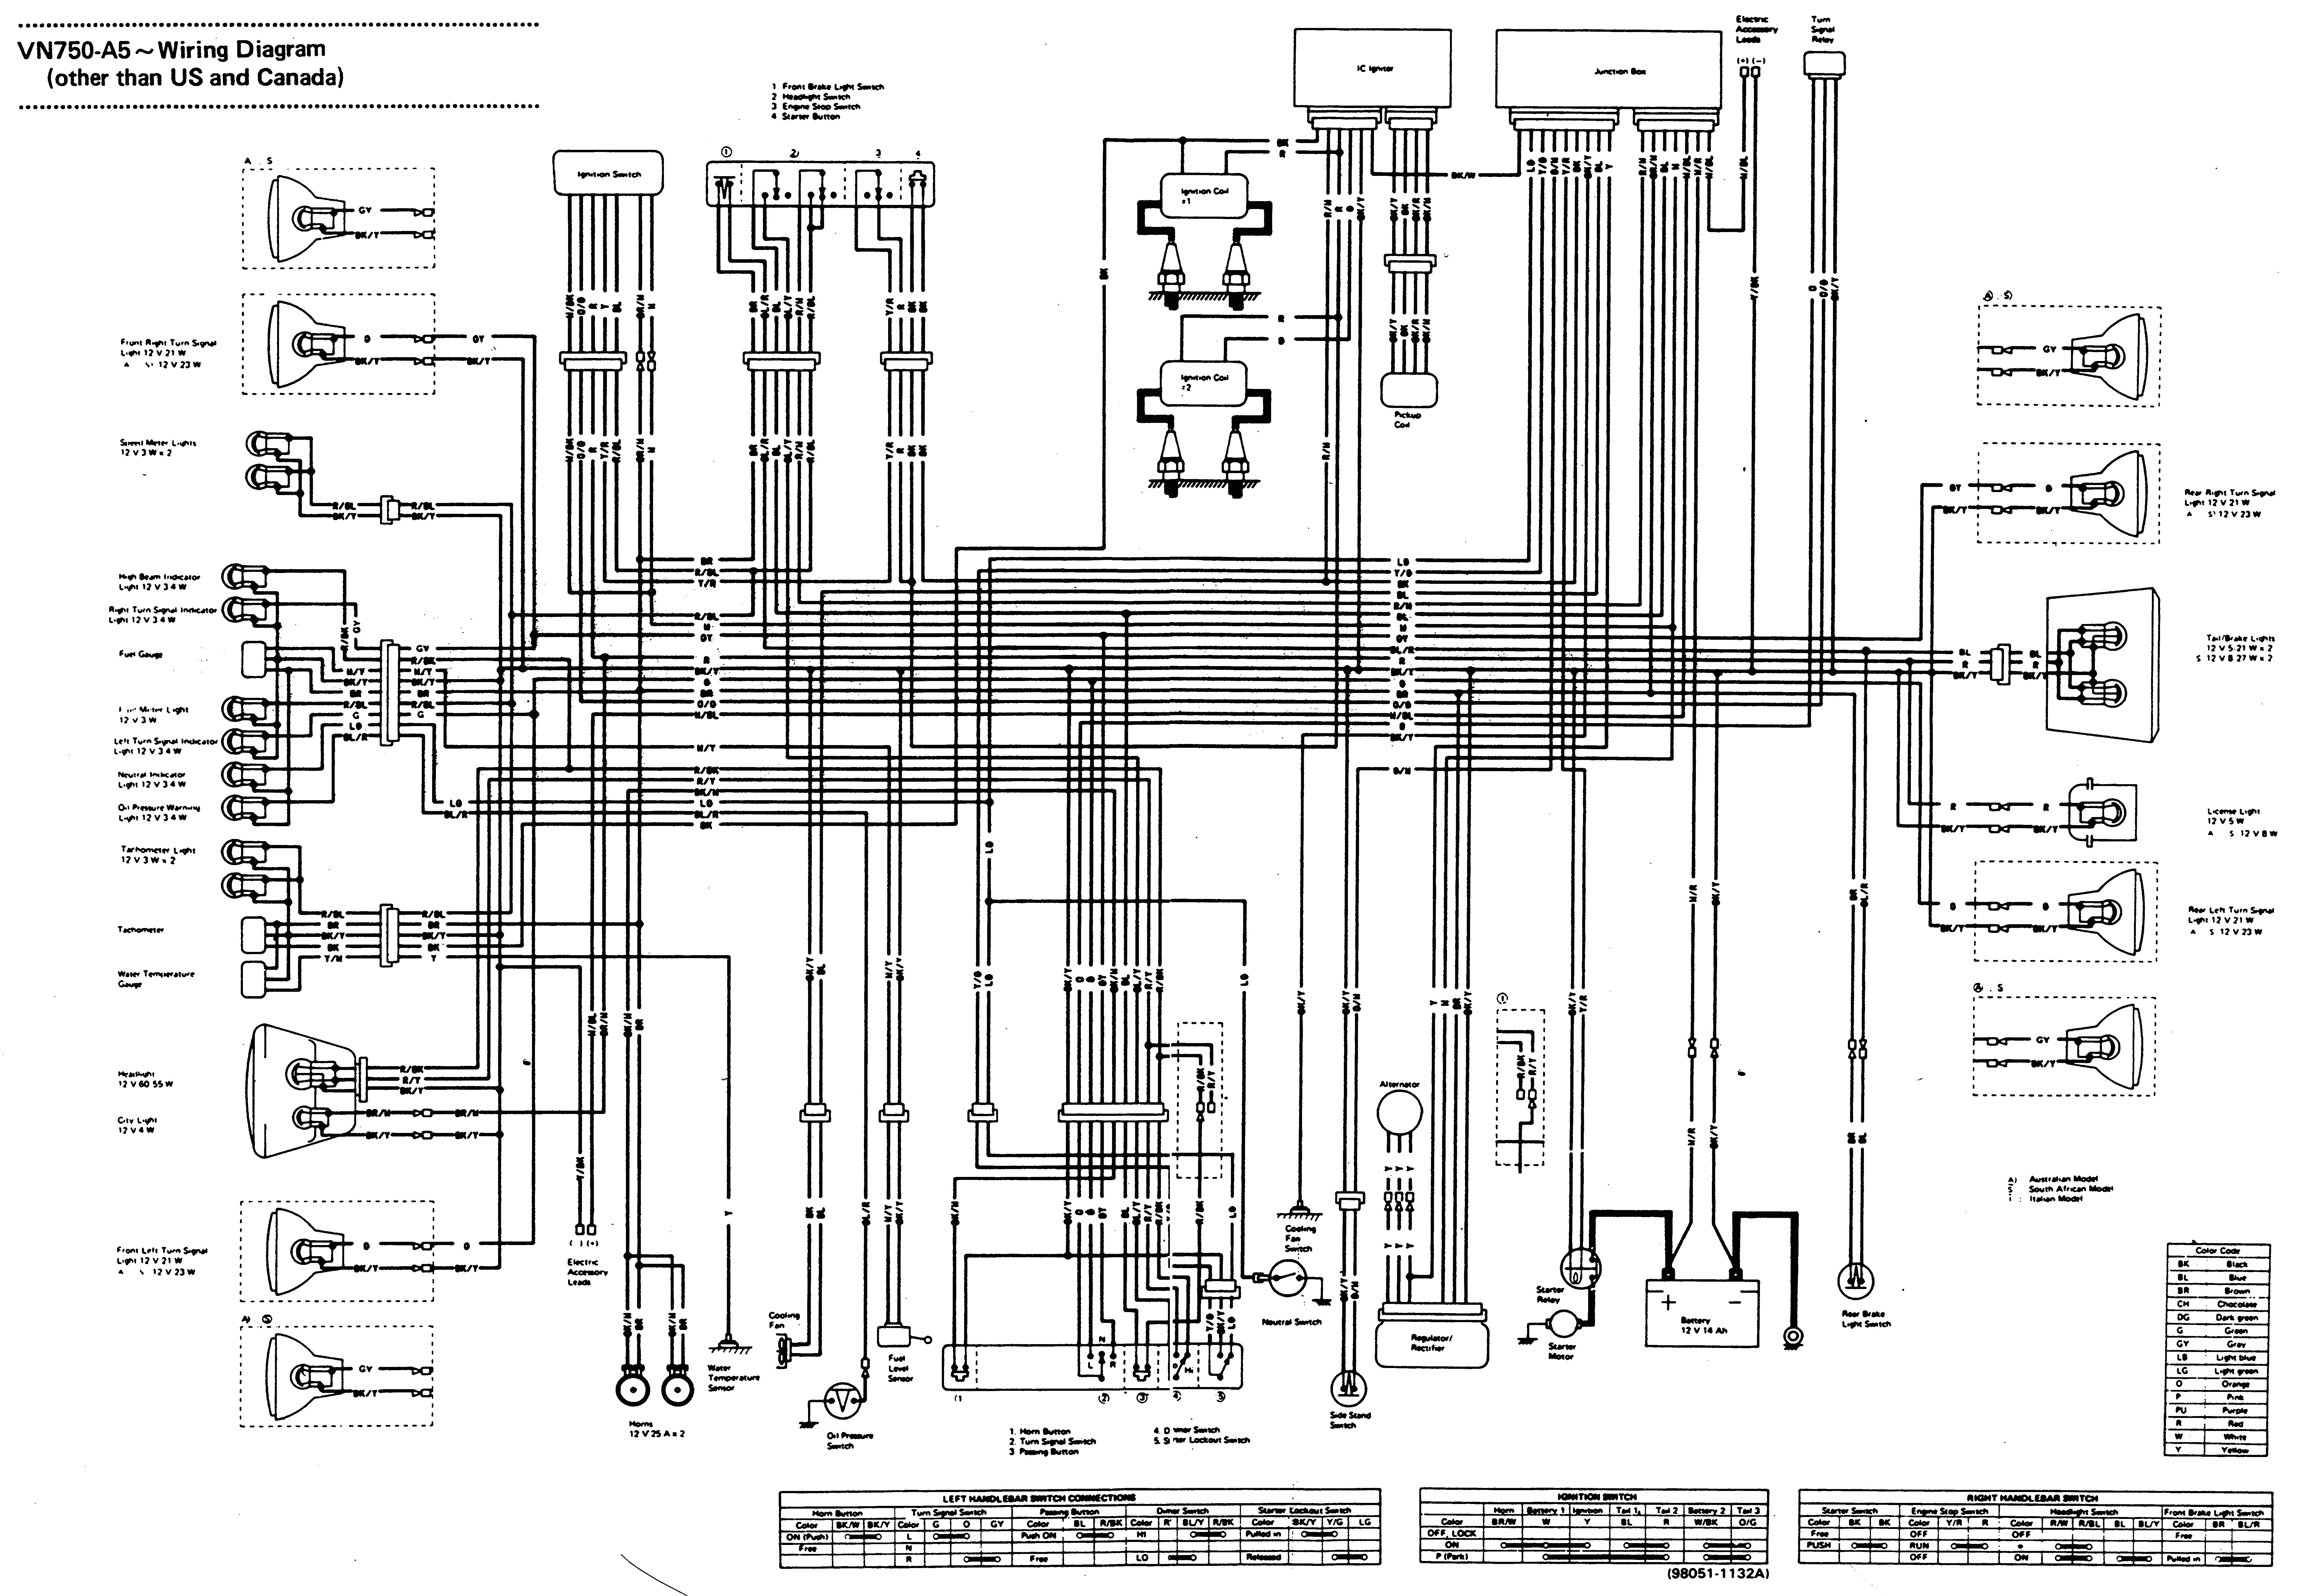 2000 kawasaki vn1500 wiring schematic premium wiring diagram blogkawasaki vn1500 wiring diagram data schematic diagram 2000